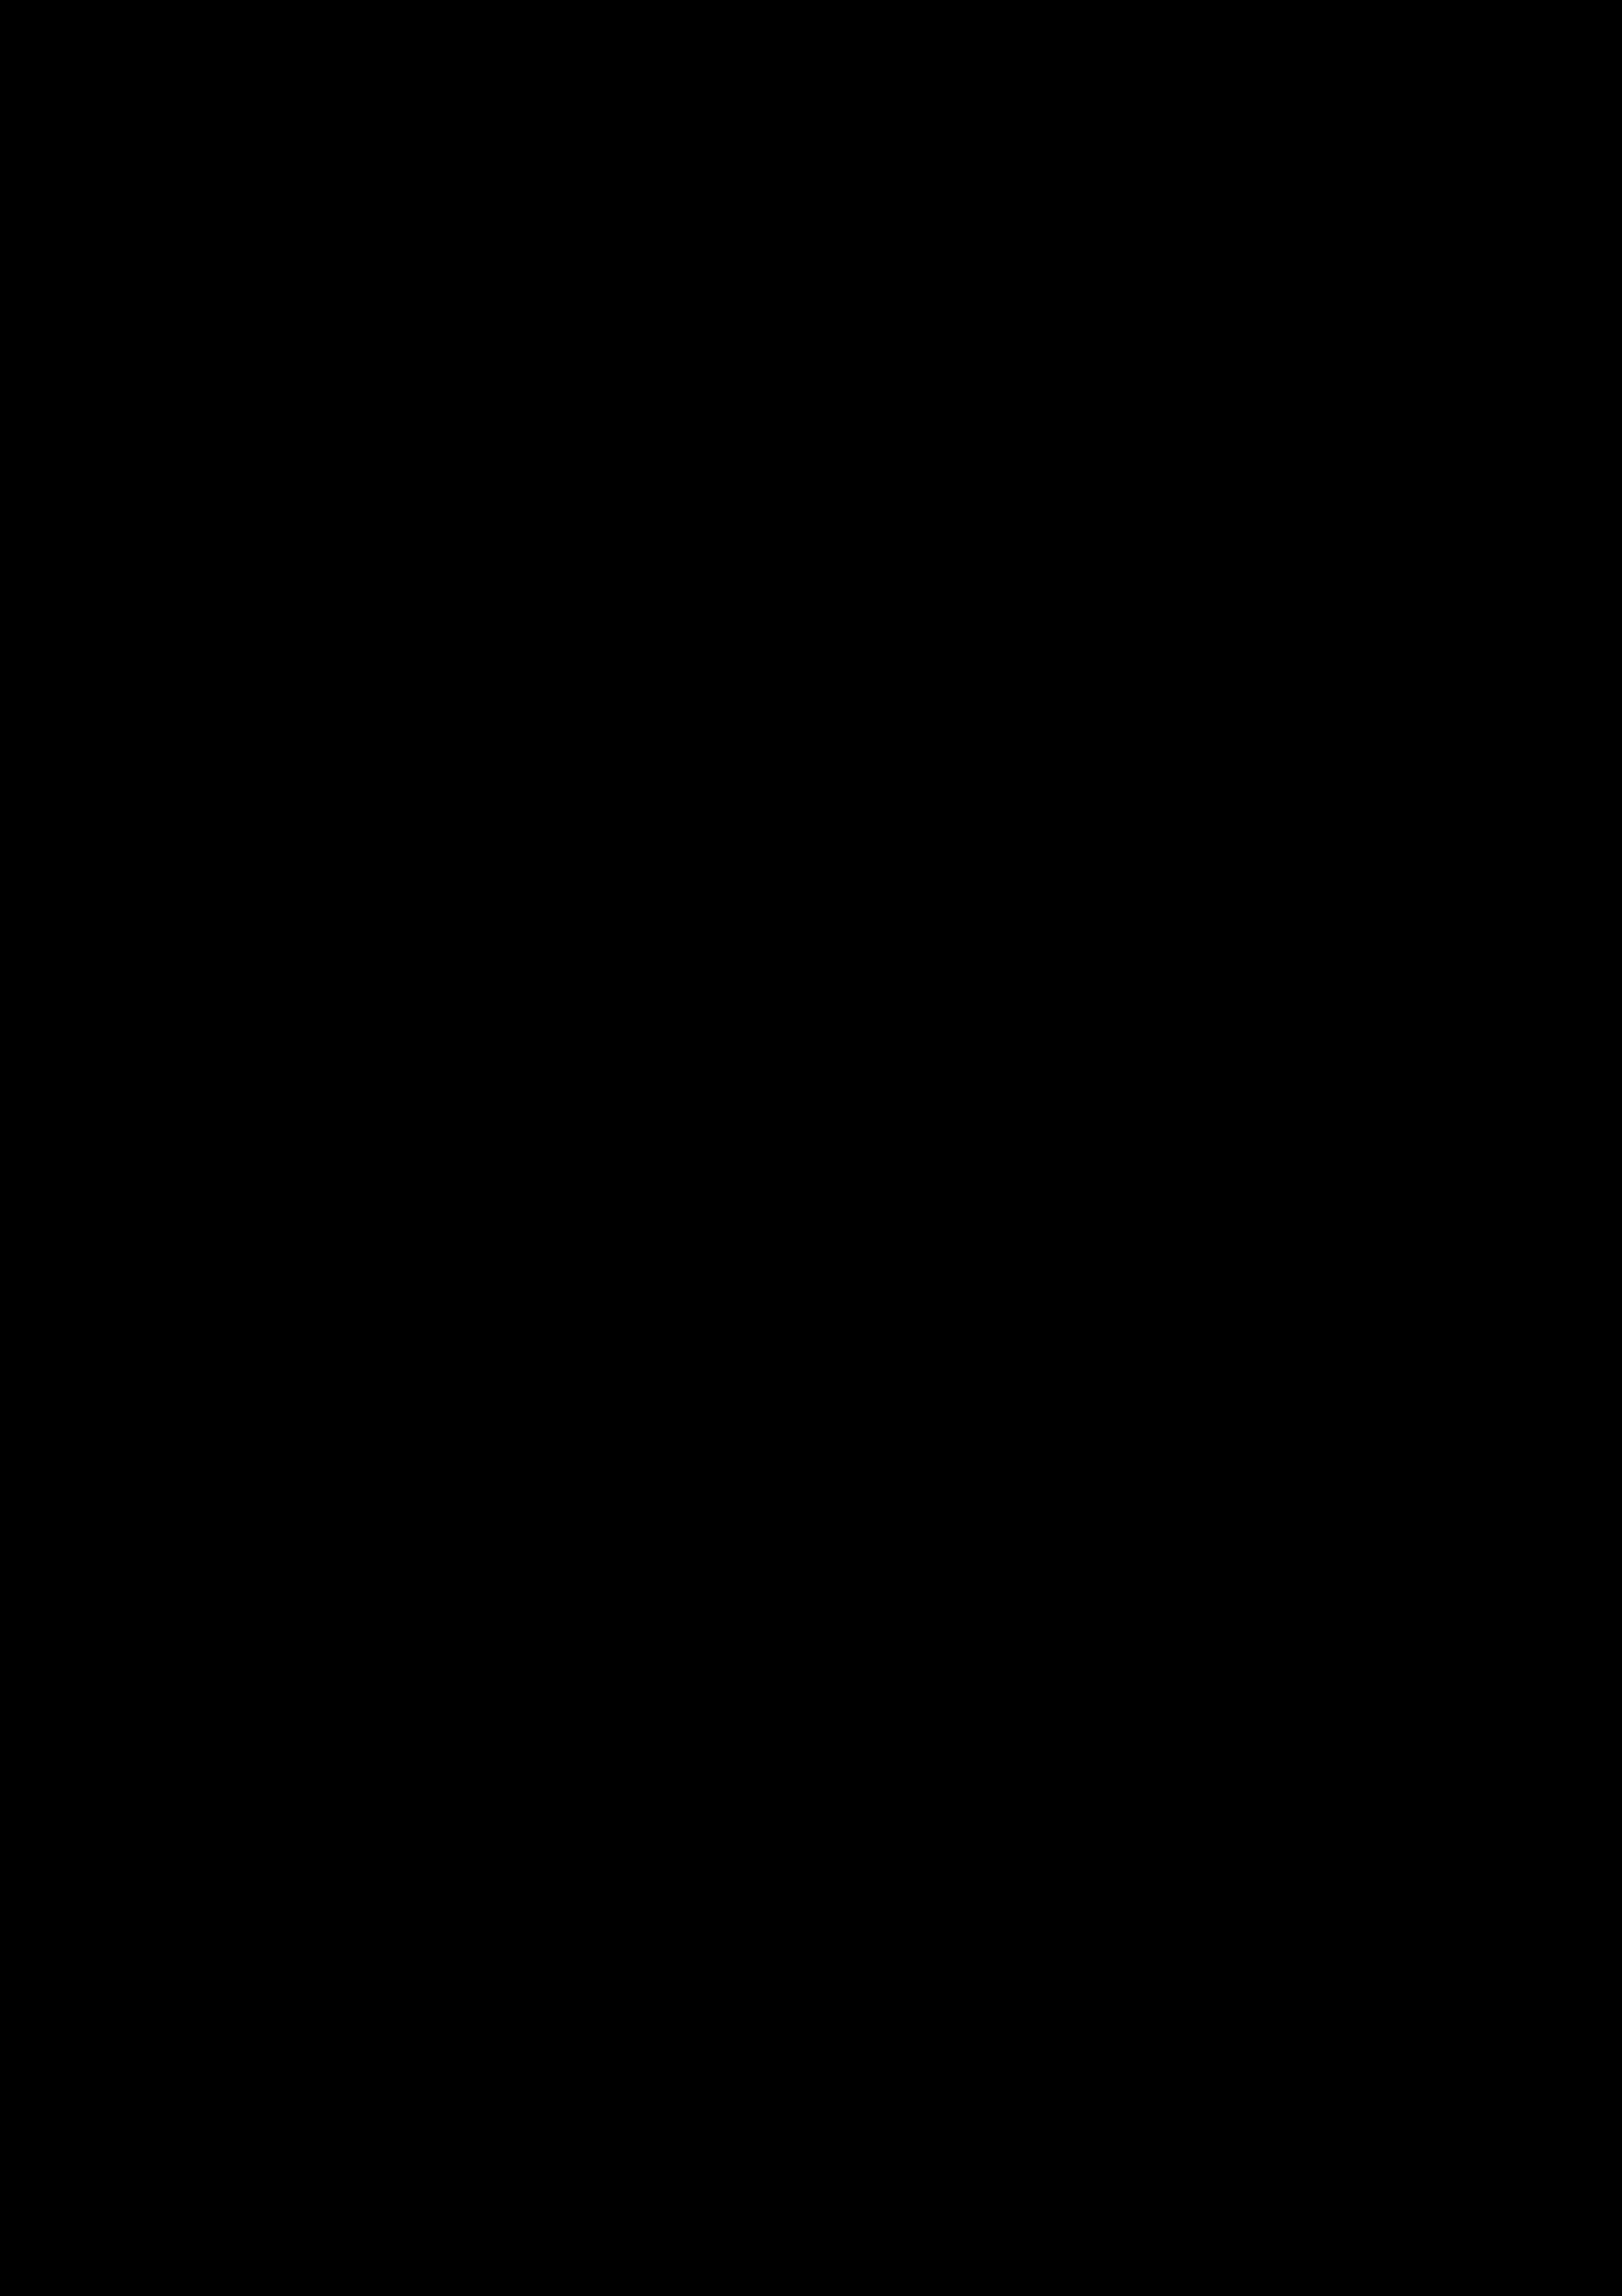 rando-silex-flyer-2018-300px